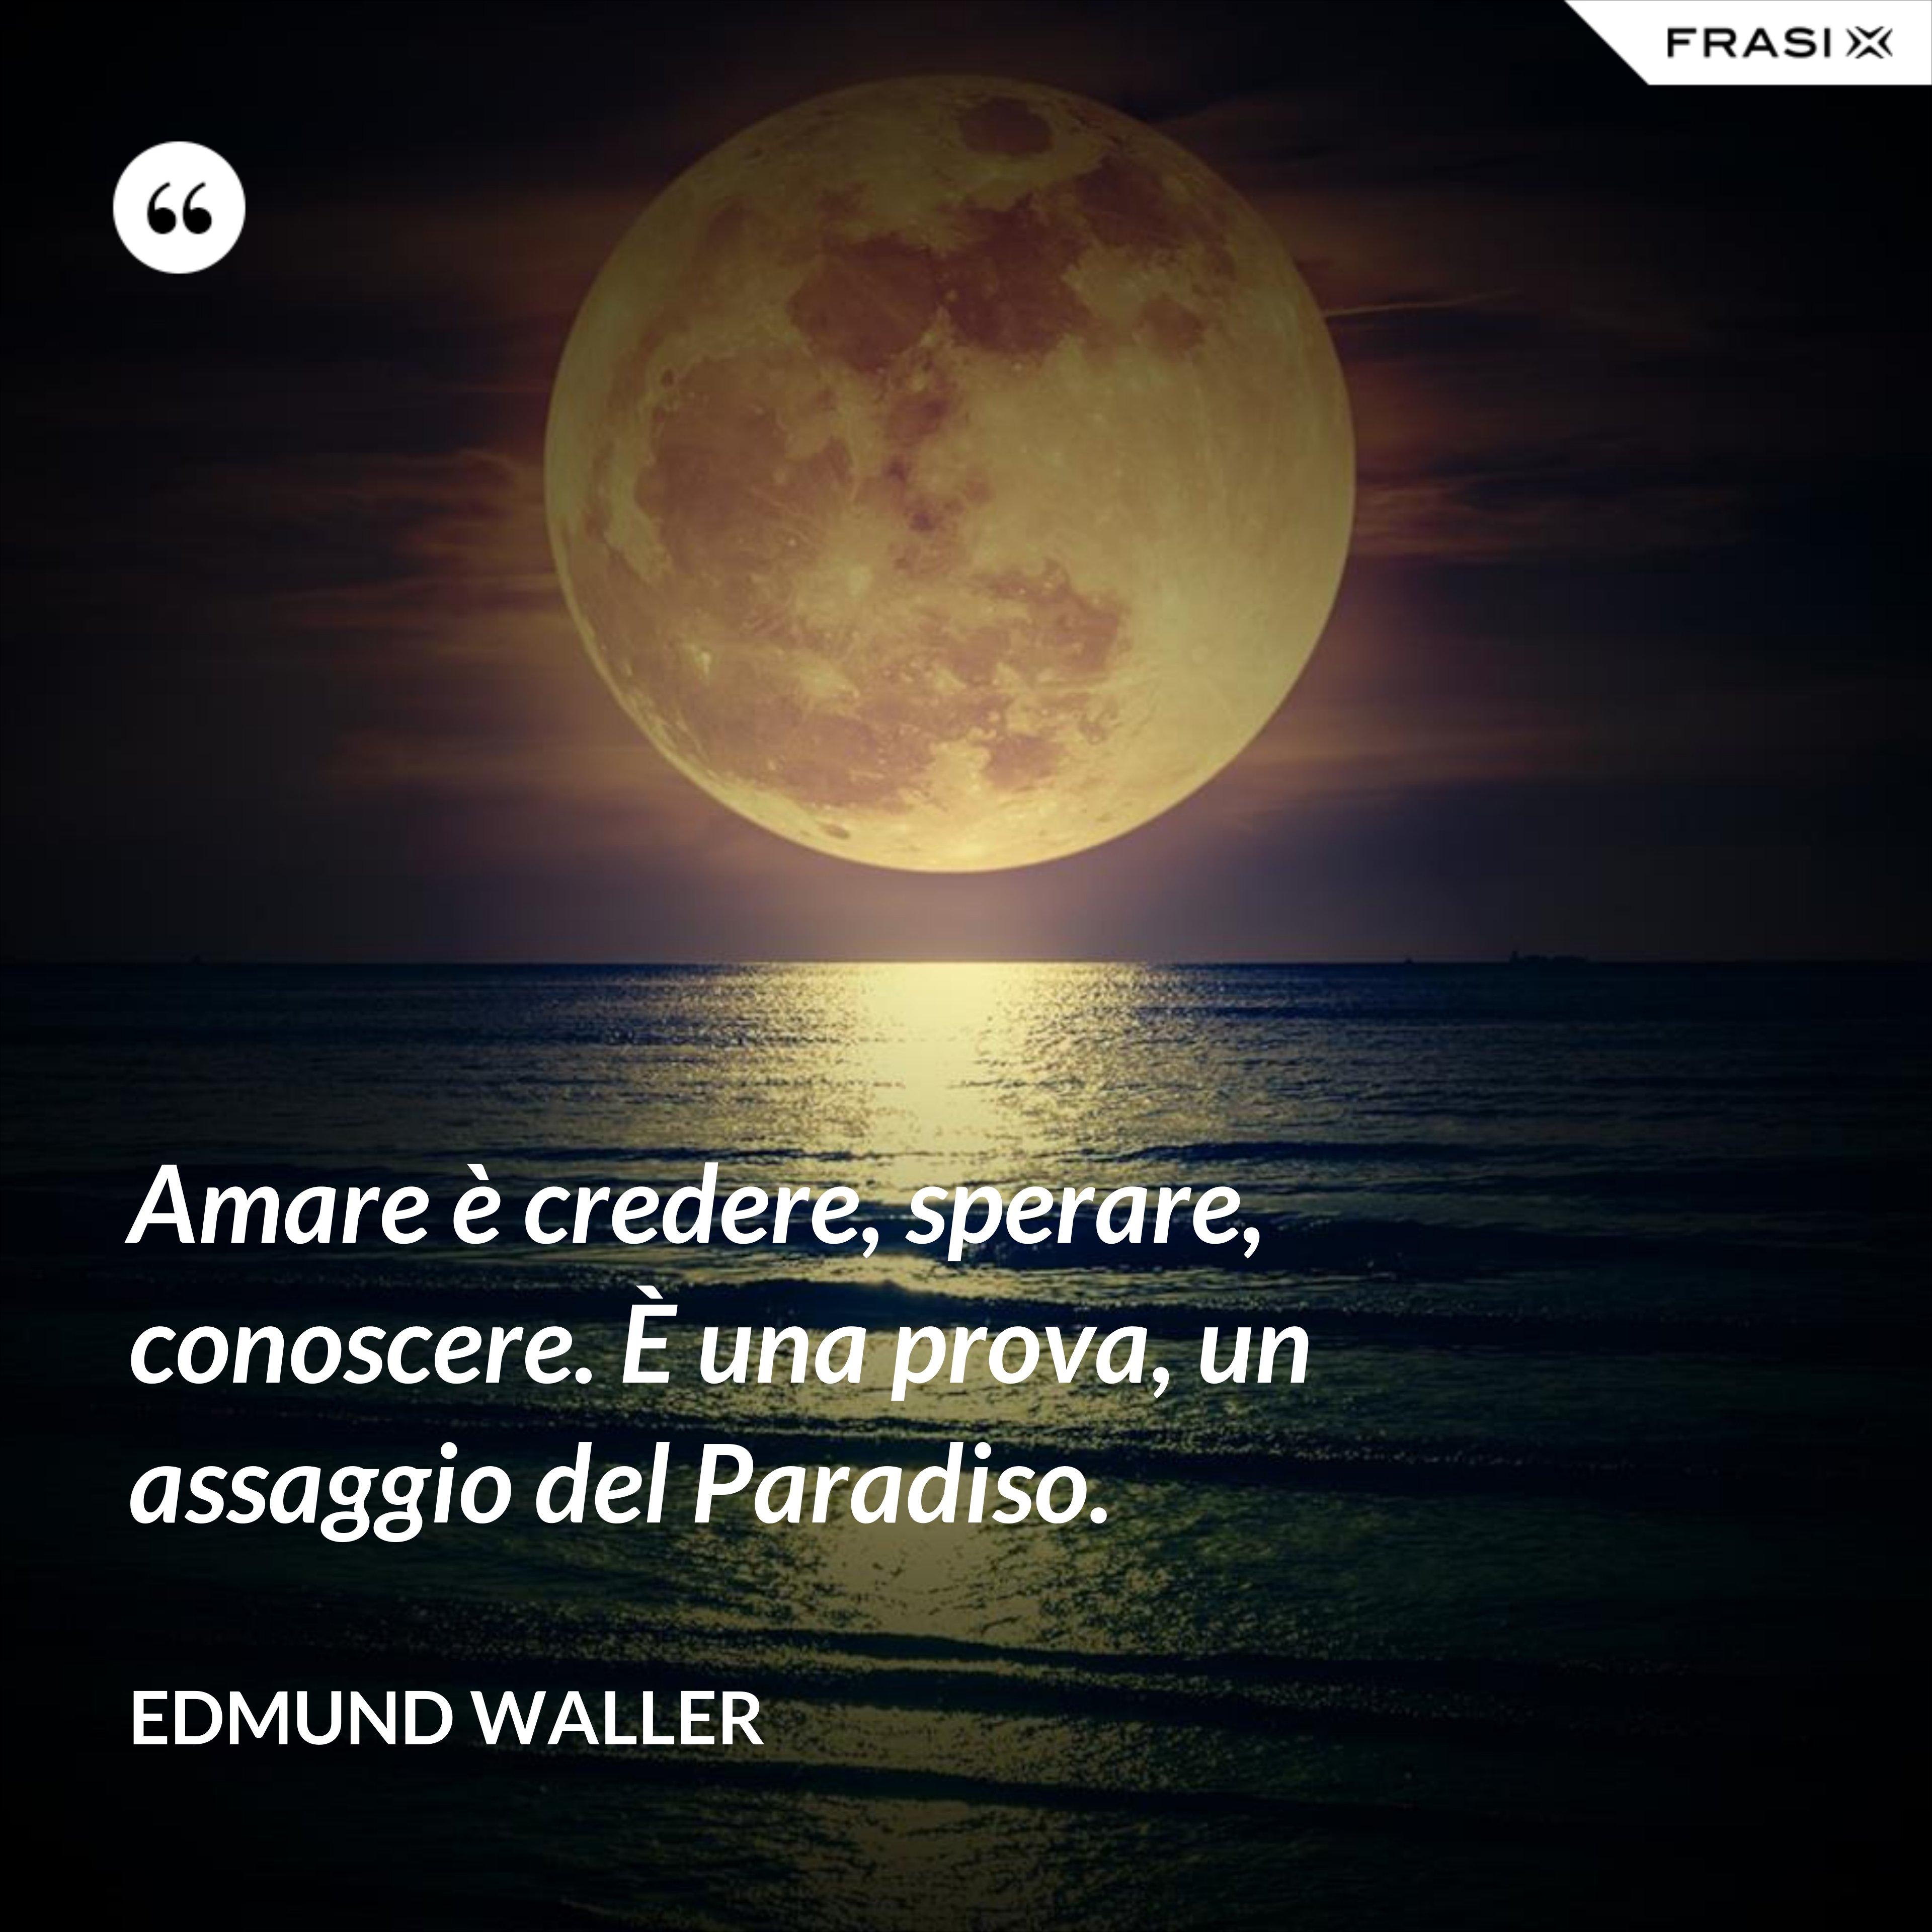 Amare è credere, sperare, conoscere. È una prova, un assaggio del Paradiso. - Edmund Waller